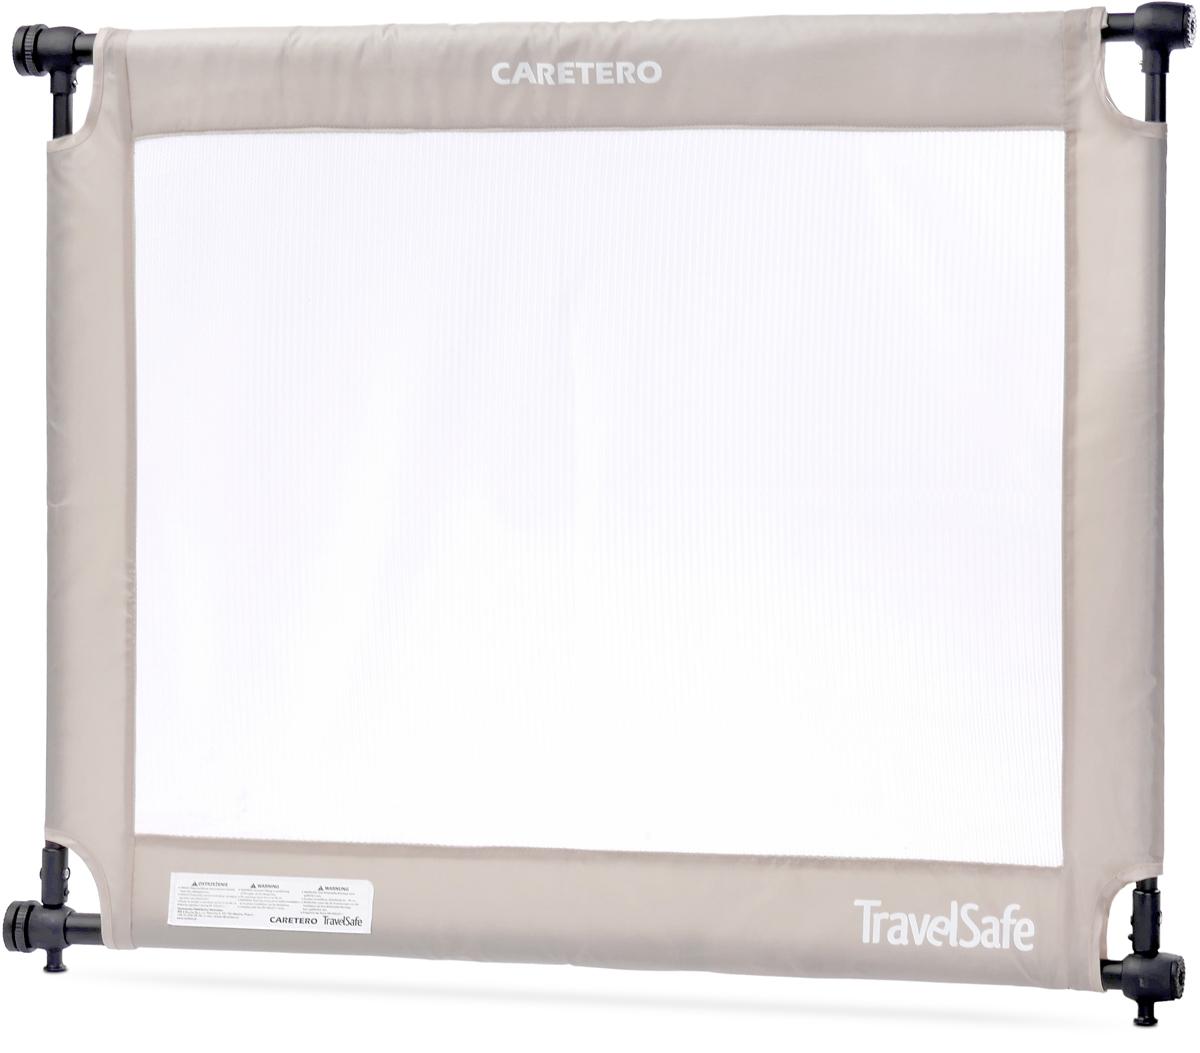 Caretero Барьер безопасности для кроватки Travelsafe цвет коричневый -  Блокирующие и защитные устройства